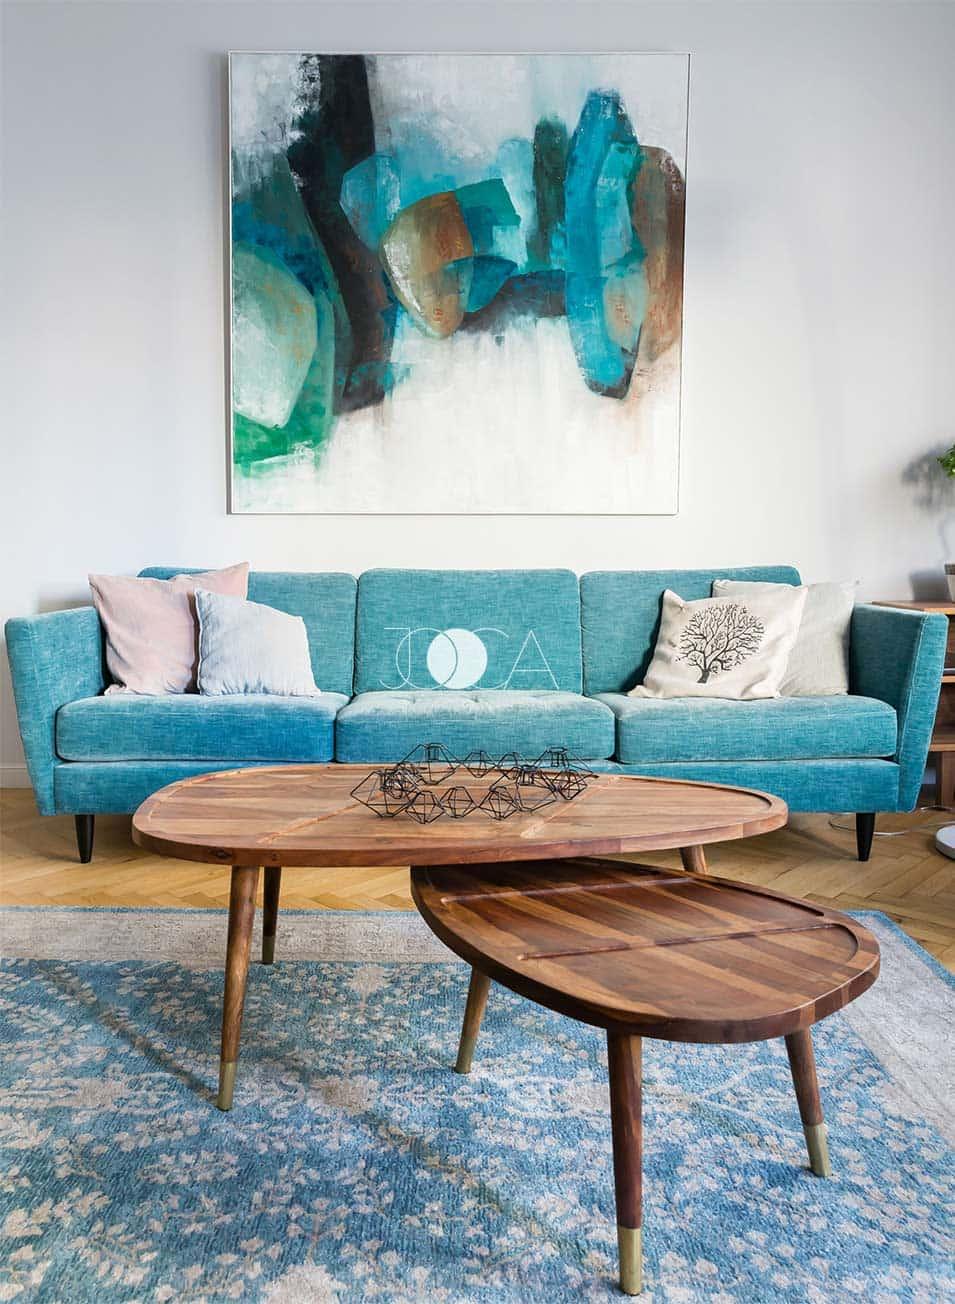 Canapeaua retro, masuta de cafea din lemn, parchetul restuarant se completeaza cu tabloul pictat special pentru acest living luminos